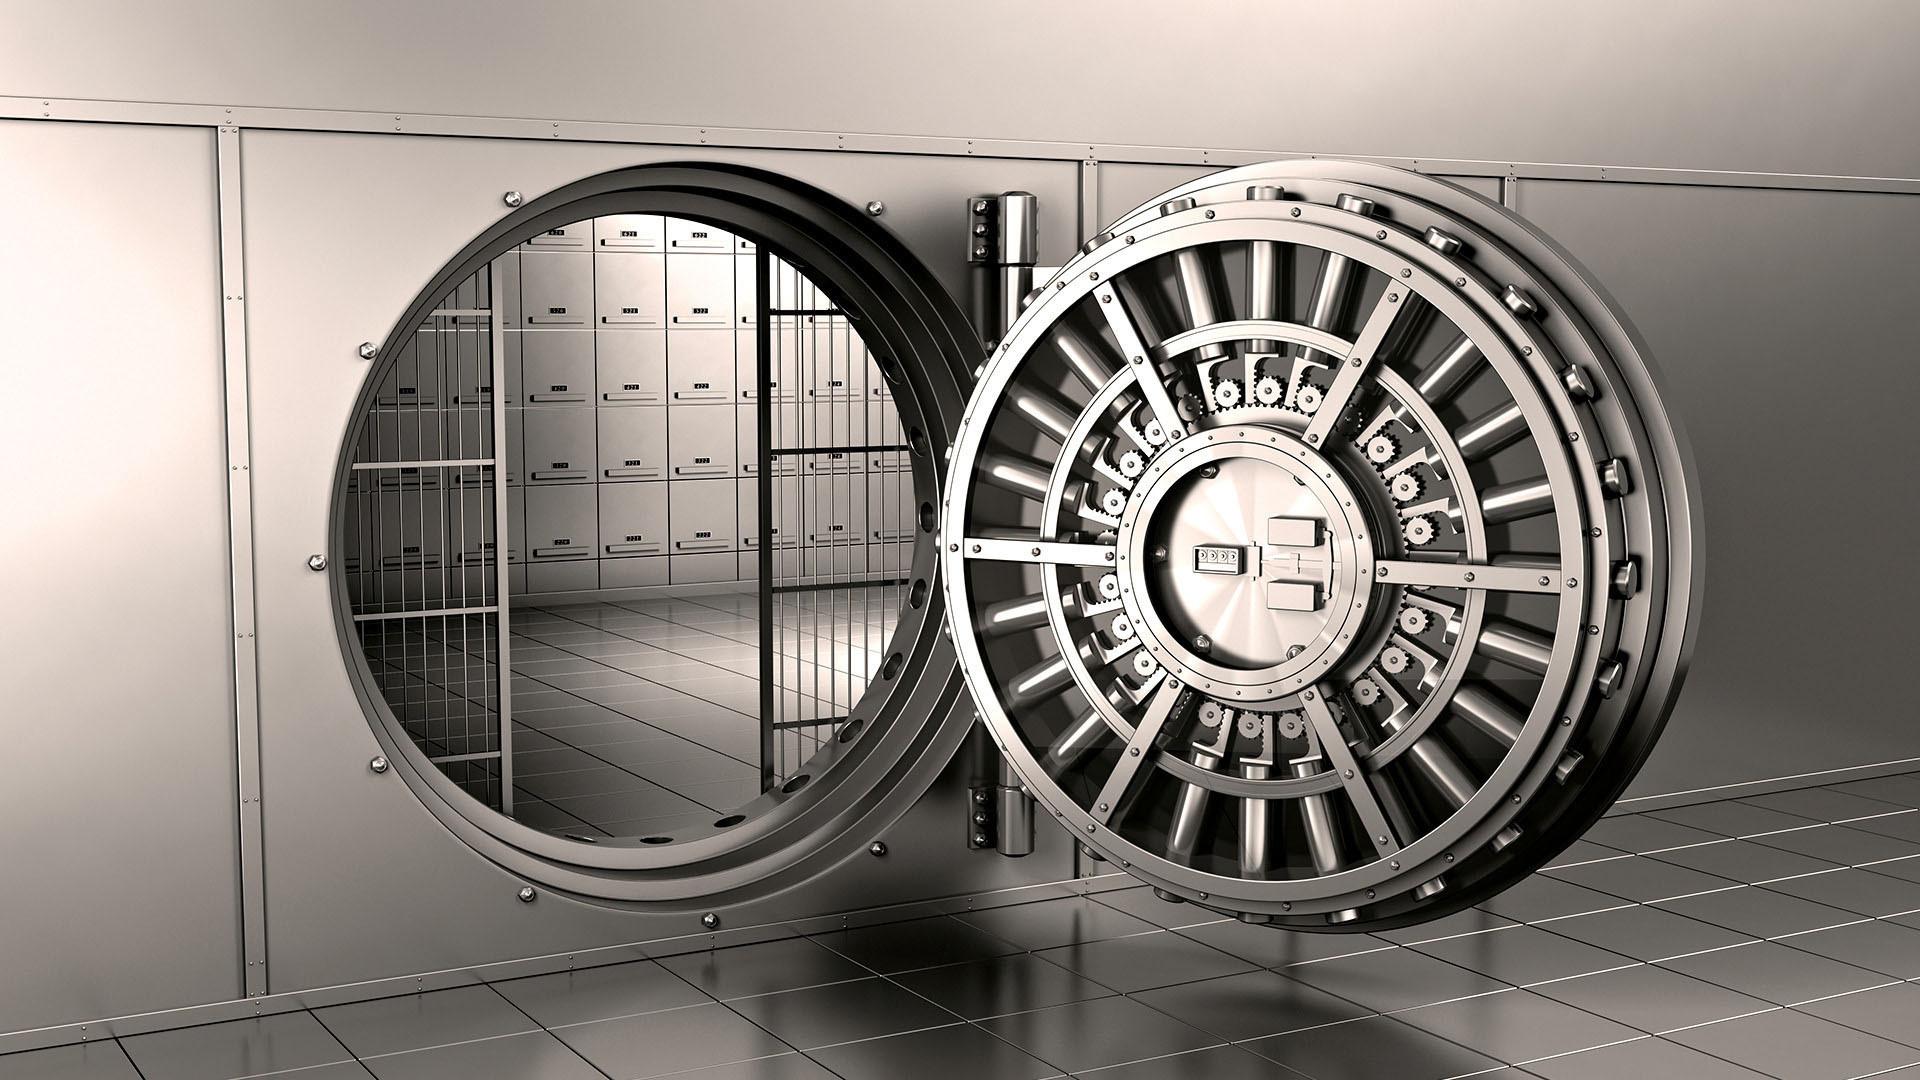 Почему многие банки и платежные системы слабо переживают за безопасность своих клиентов? - 1